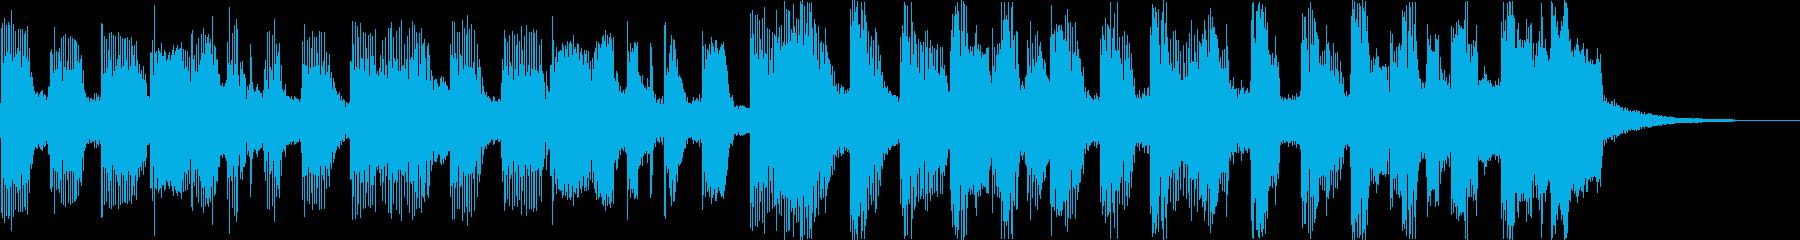 おしゃれチルヒップホップR&Bハウスdの再生済みの波形